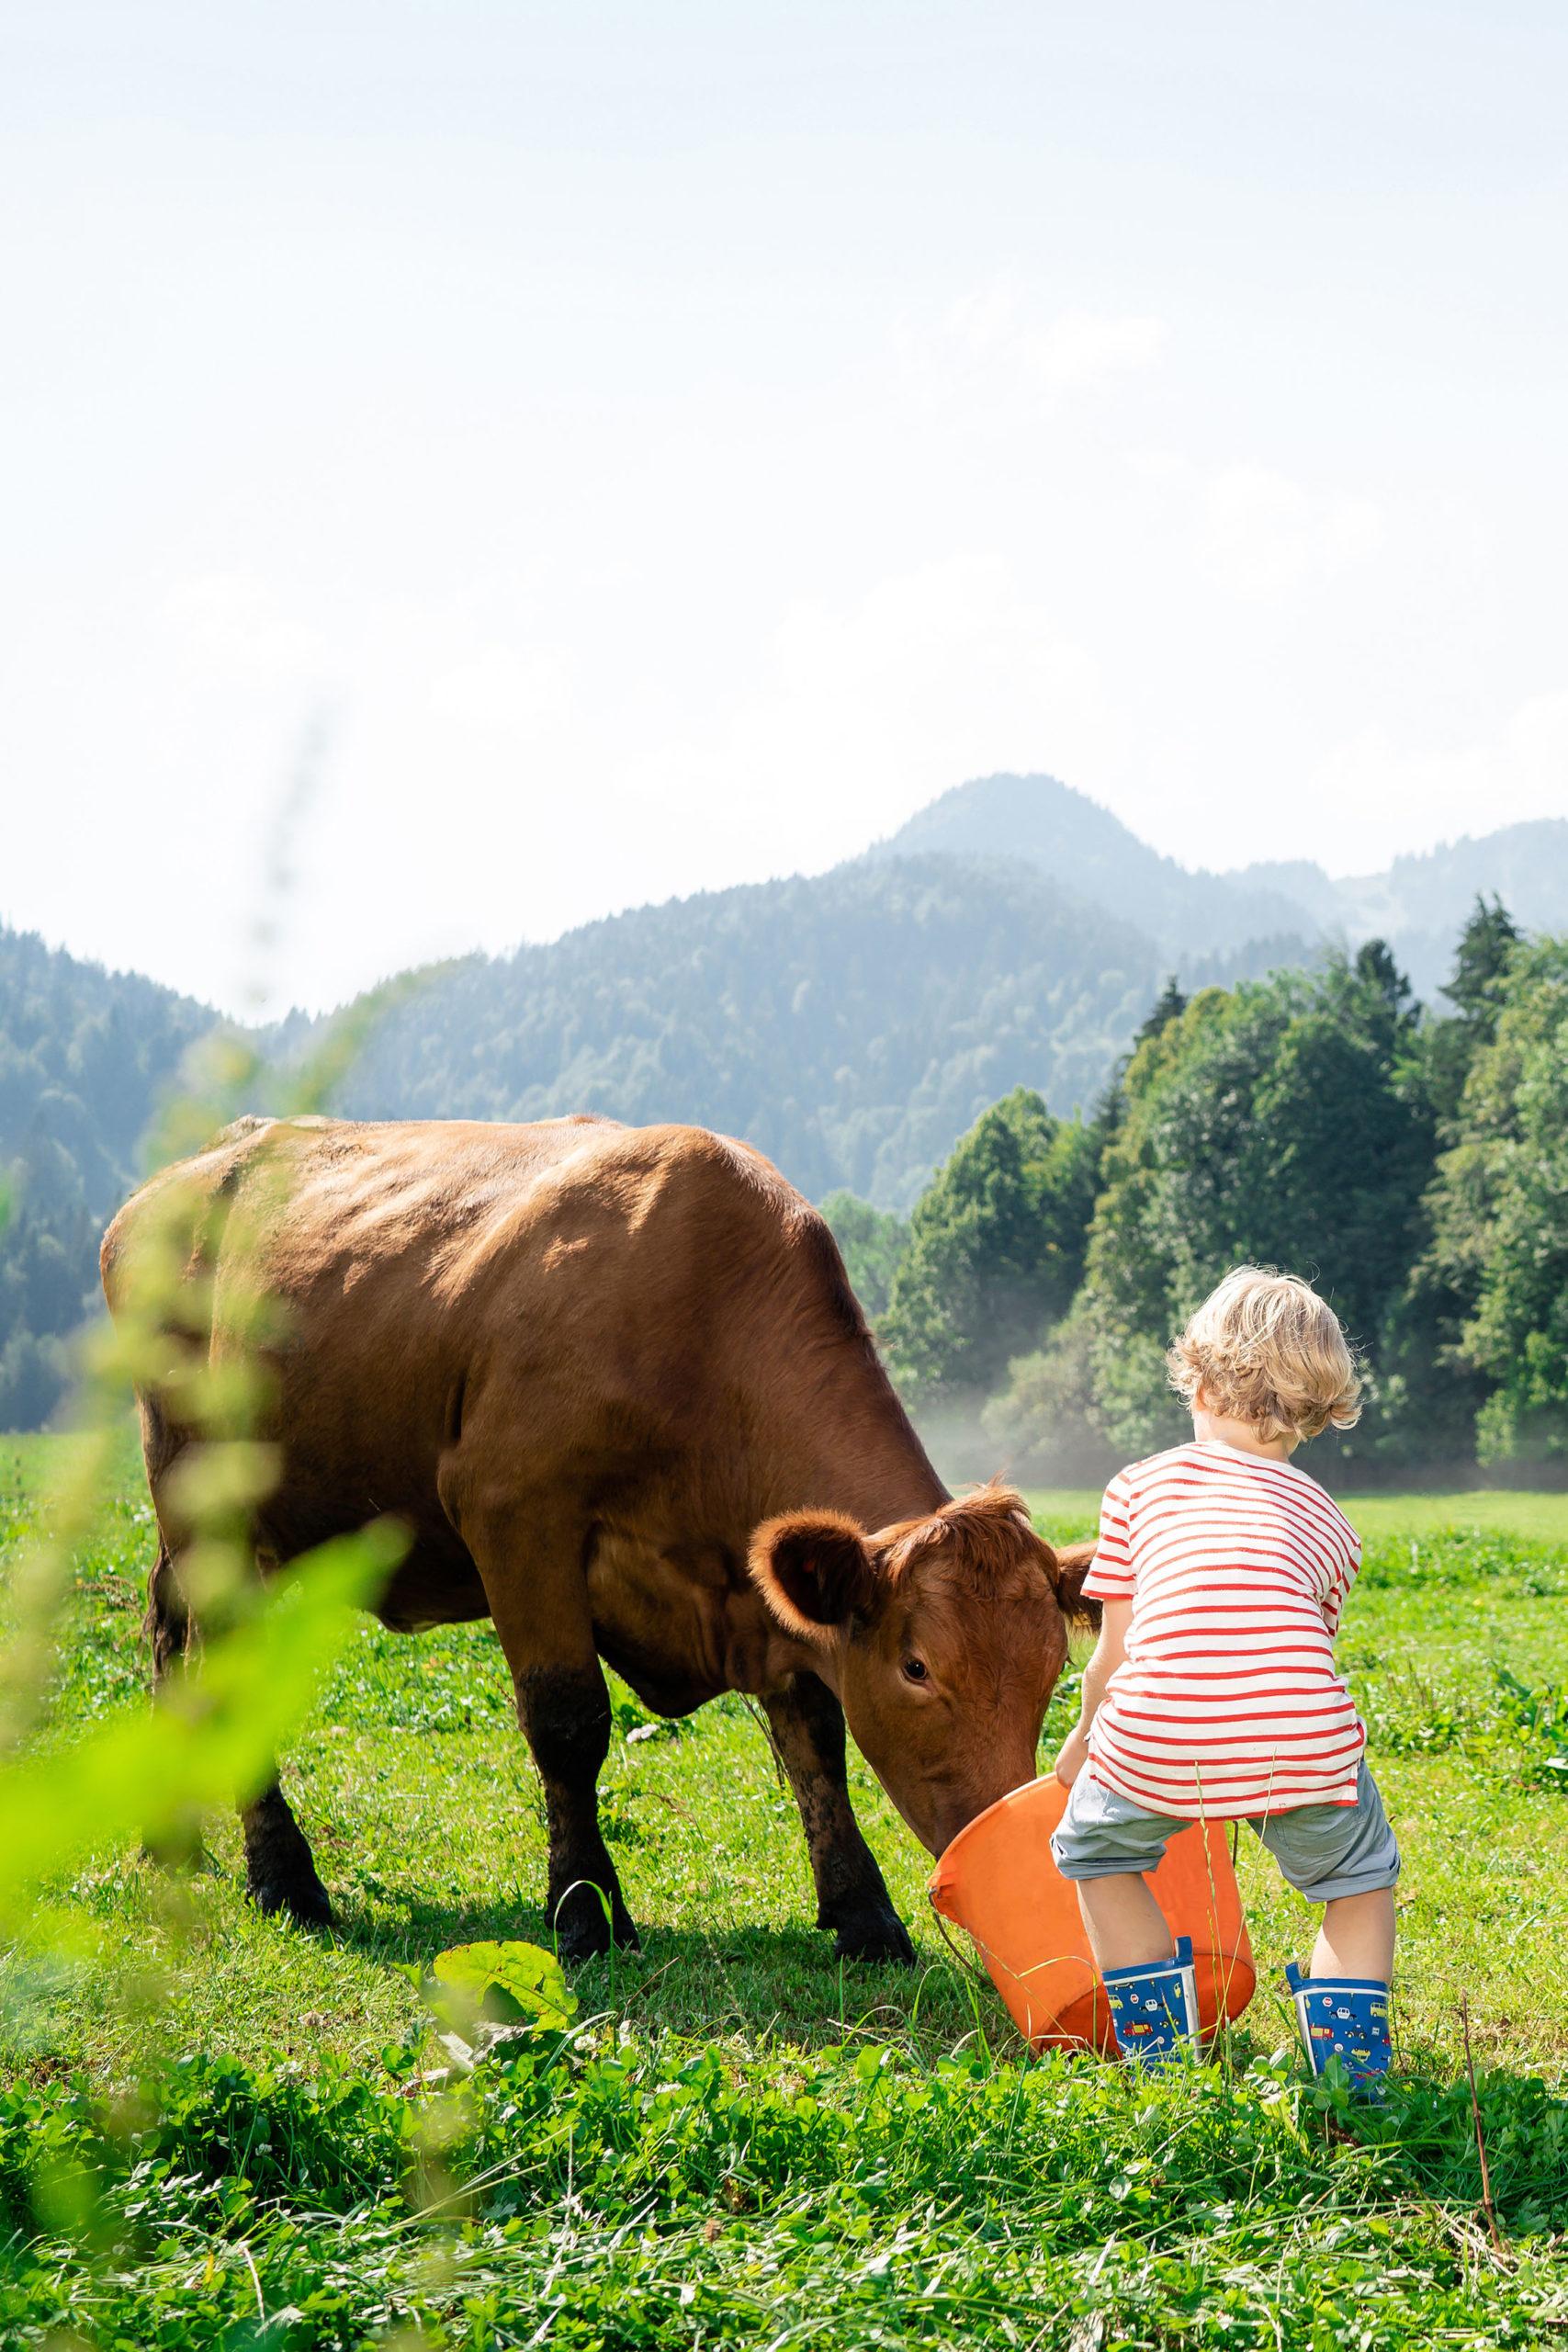 Bauernhof-Effekt durch Kühe